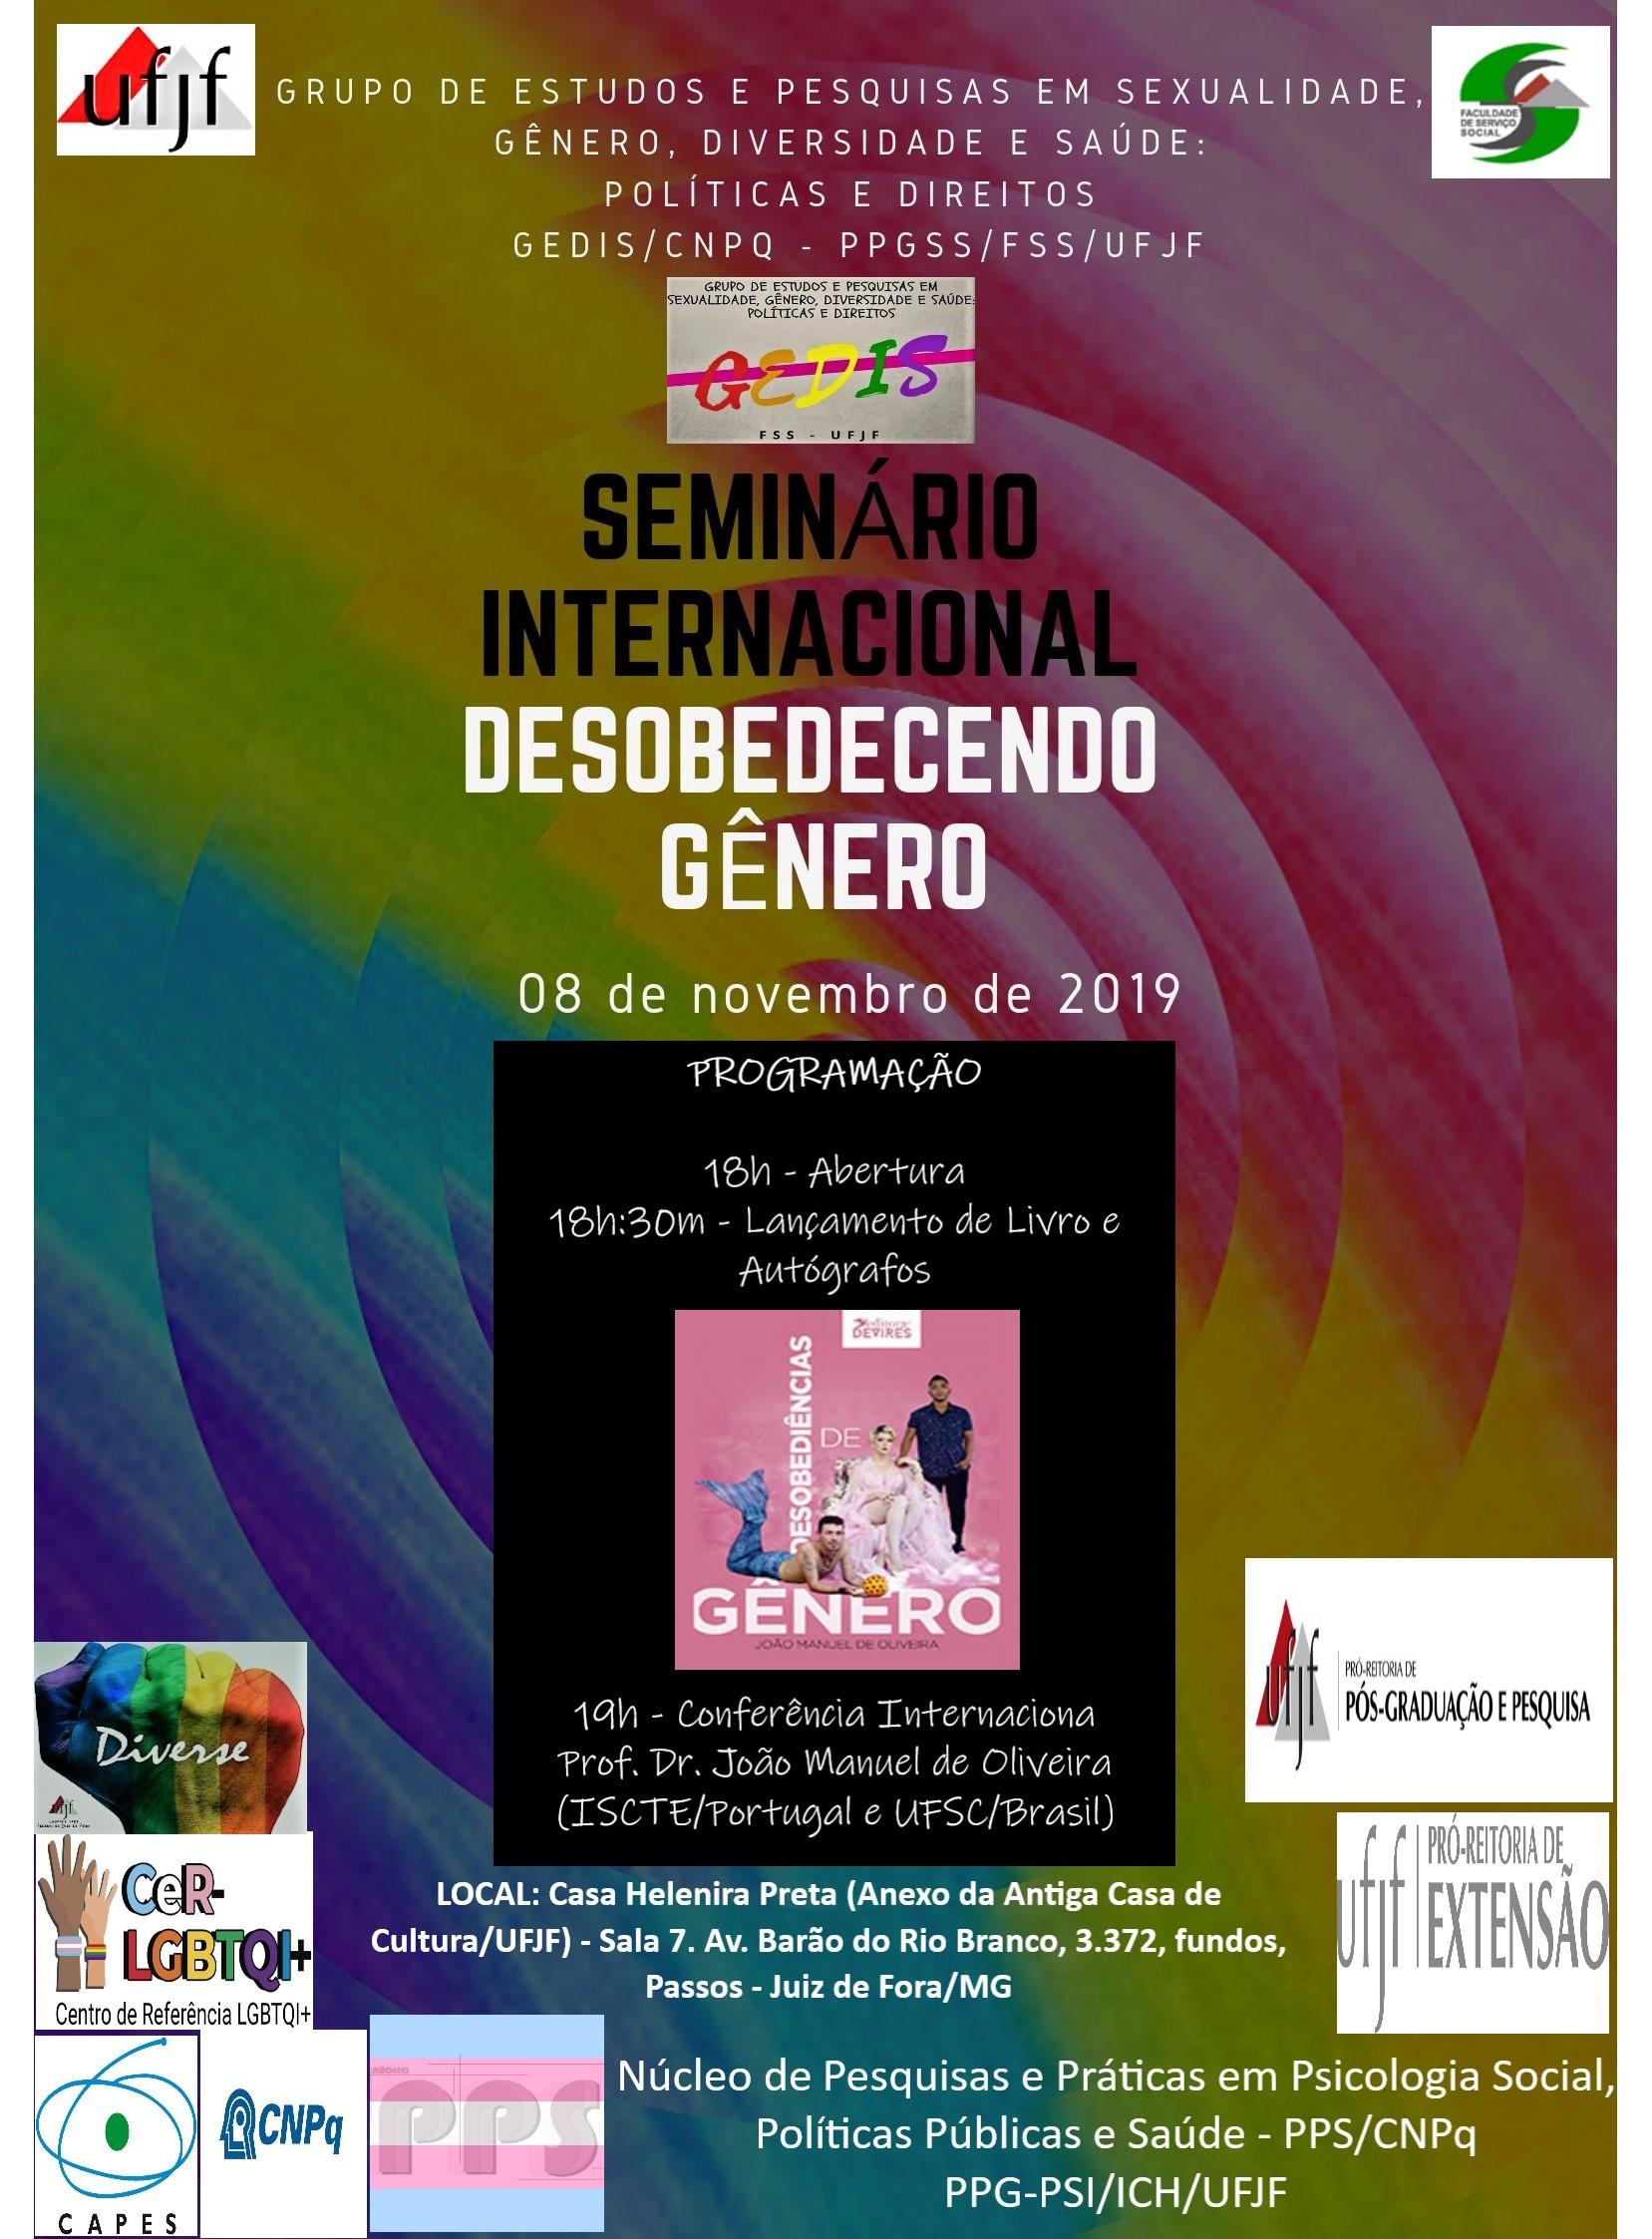 Seminário internacional GEDIS final